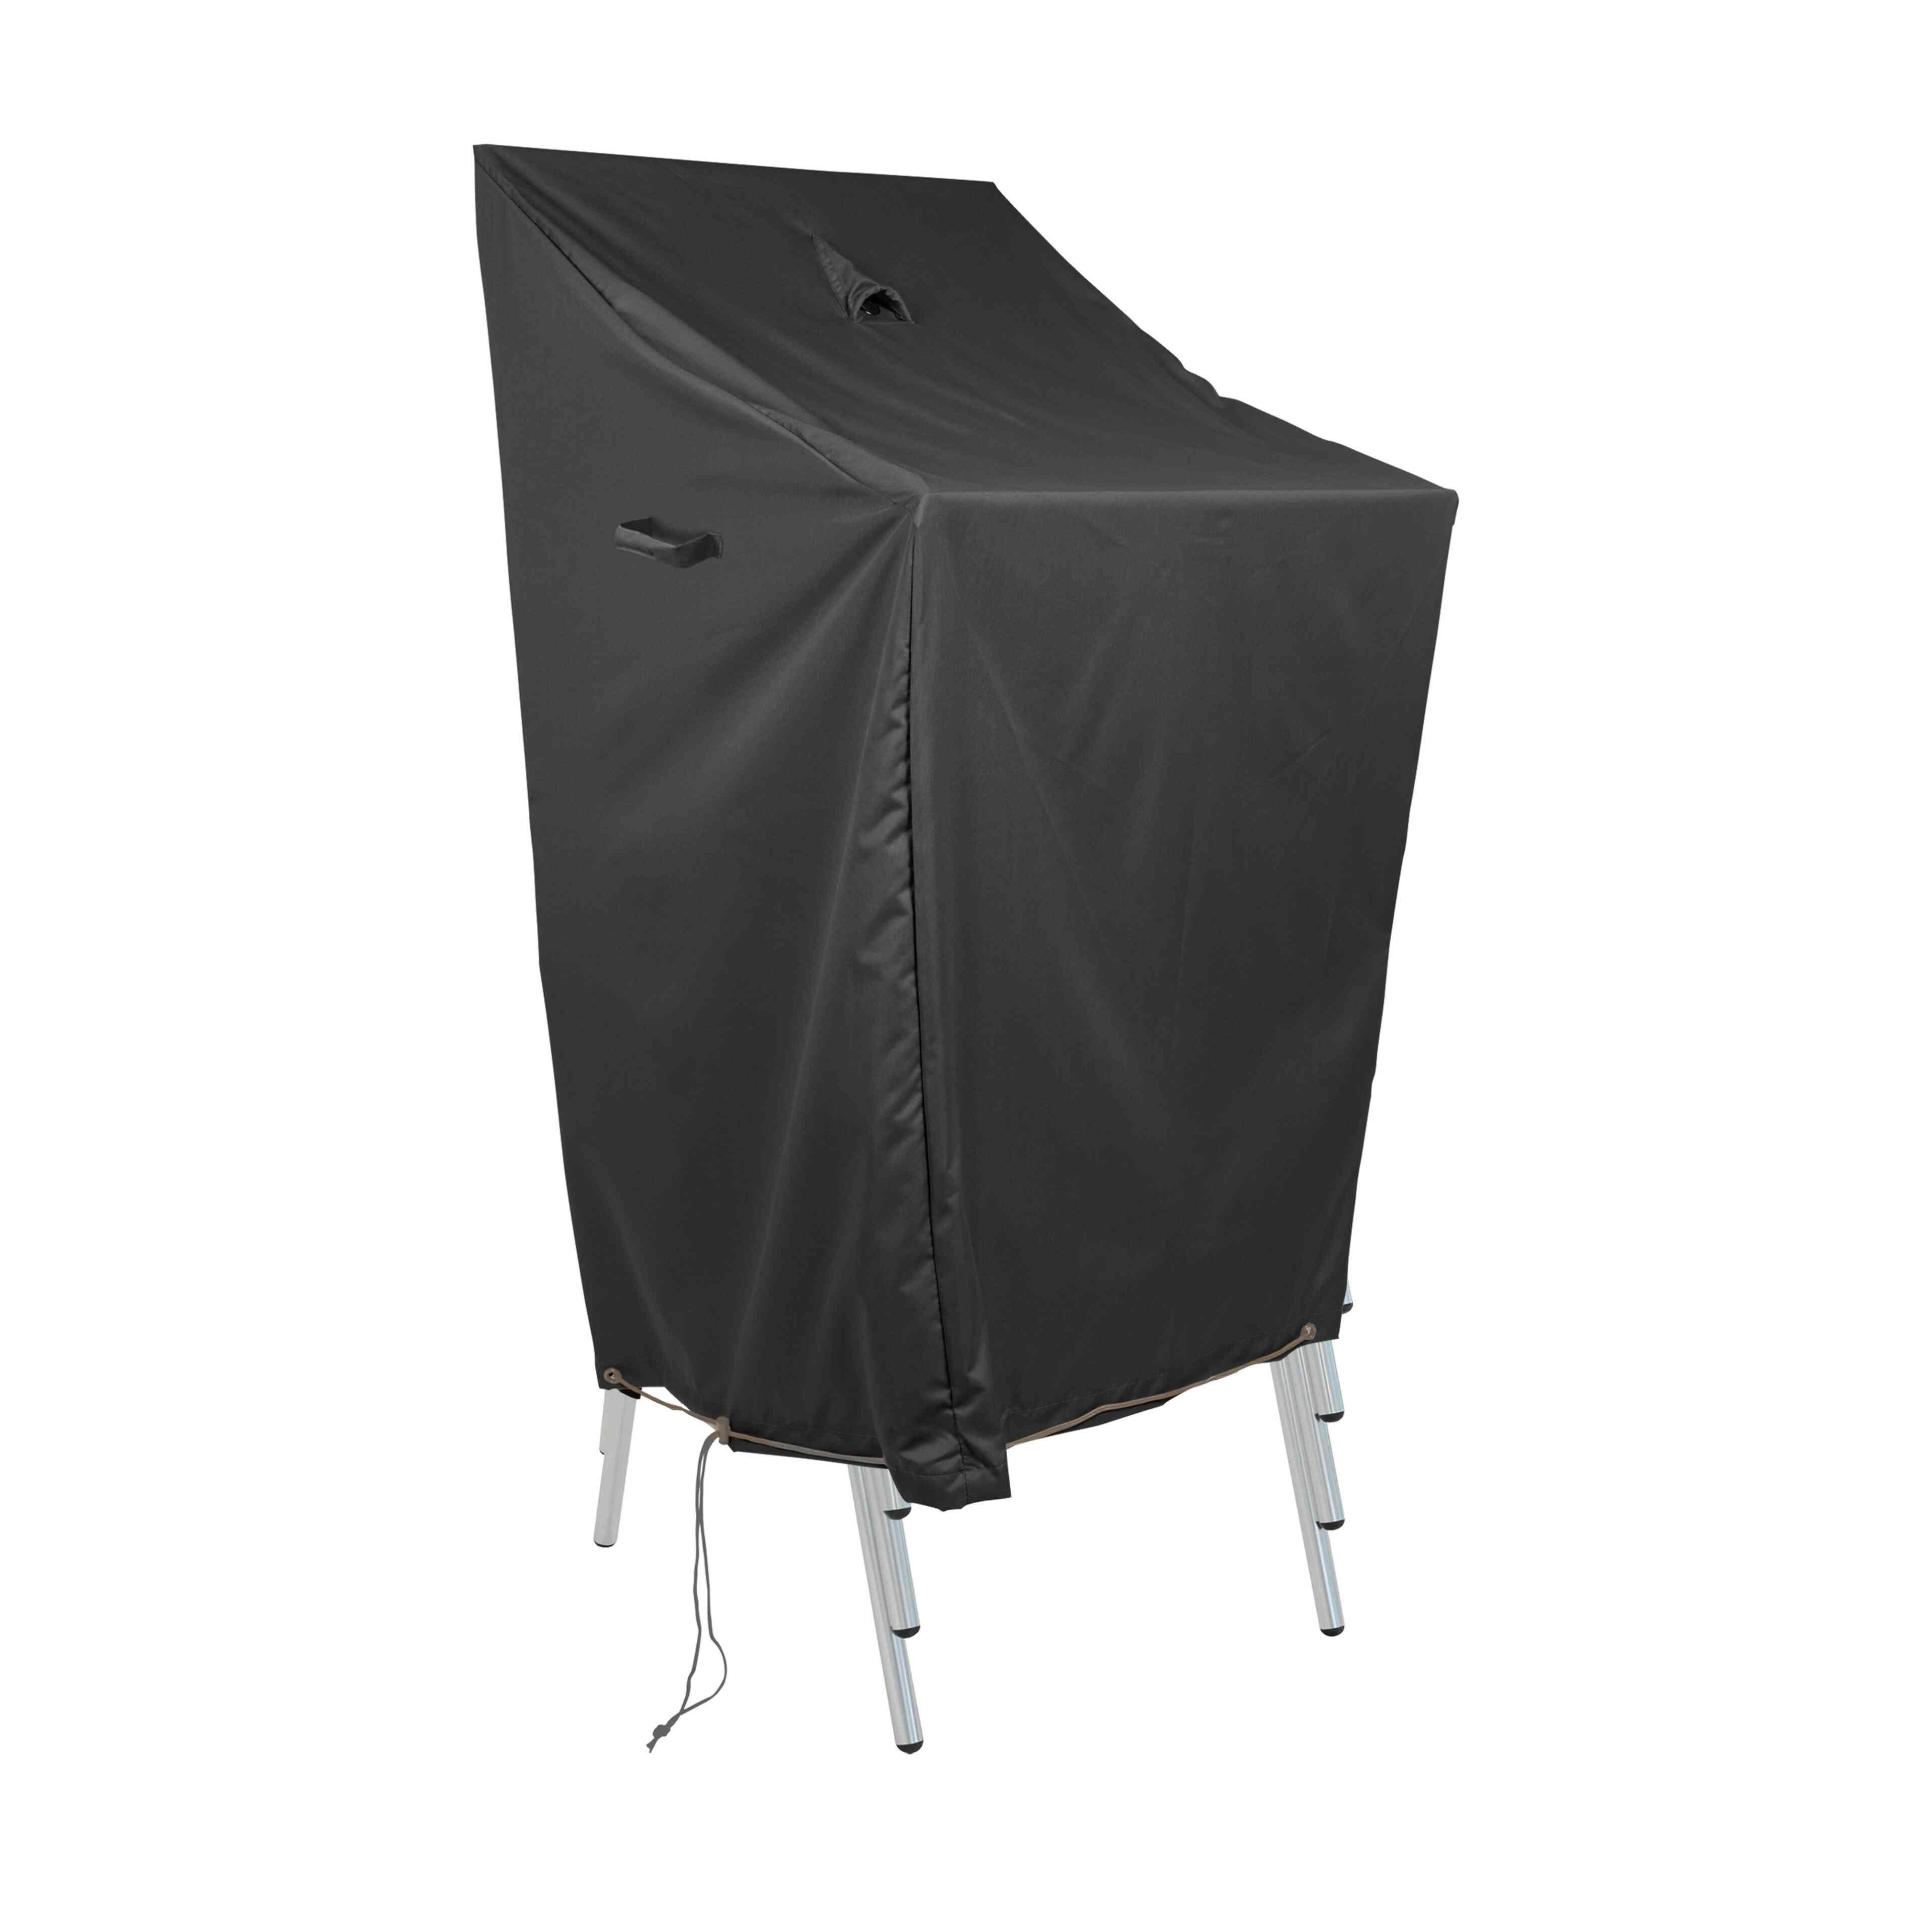 housse de protection pour chaises empilables oviala. Black Bedroom Furniture Sets. Home Design Ideas